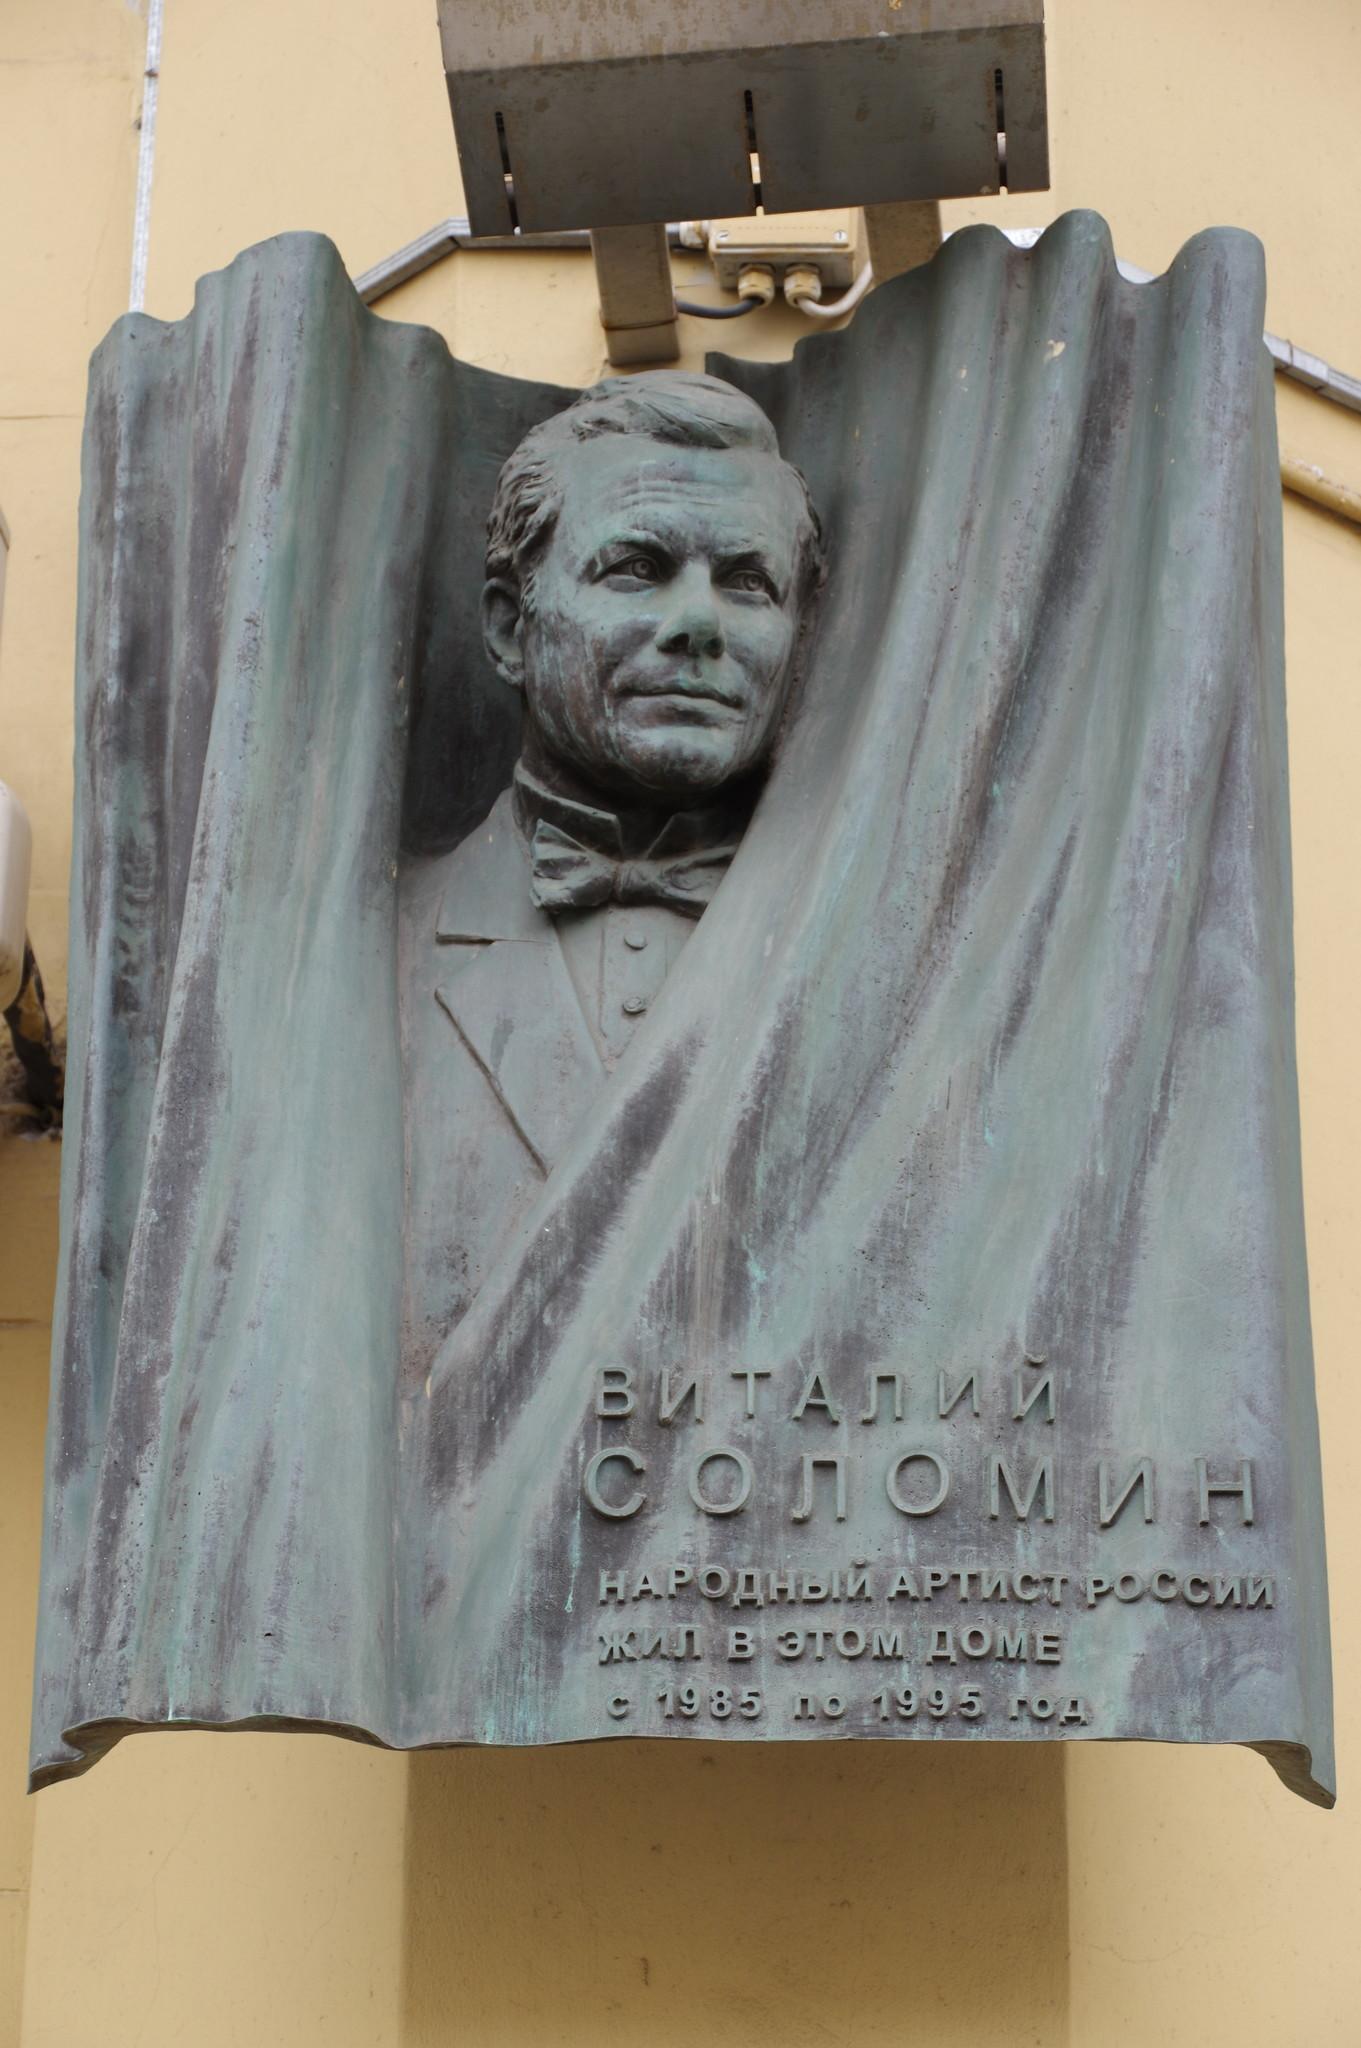 Памятная доска на фасаде дома (Никитский бульвар, дом 9), где с 1985 года по 1995 год жил Народный артист РСФСР Виталий Мефодьевич Соломин